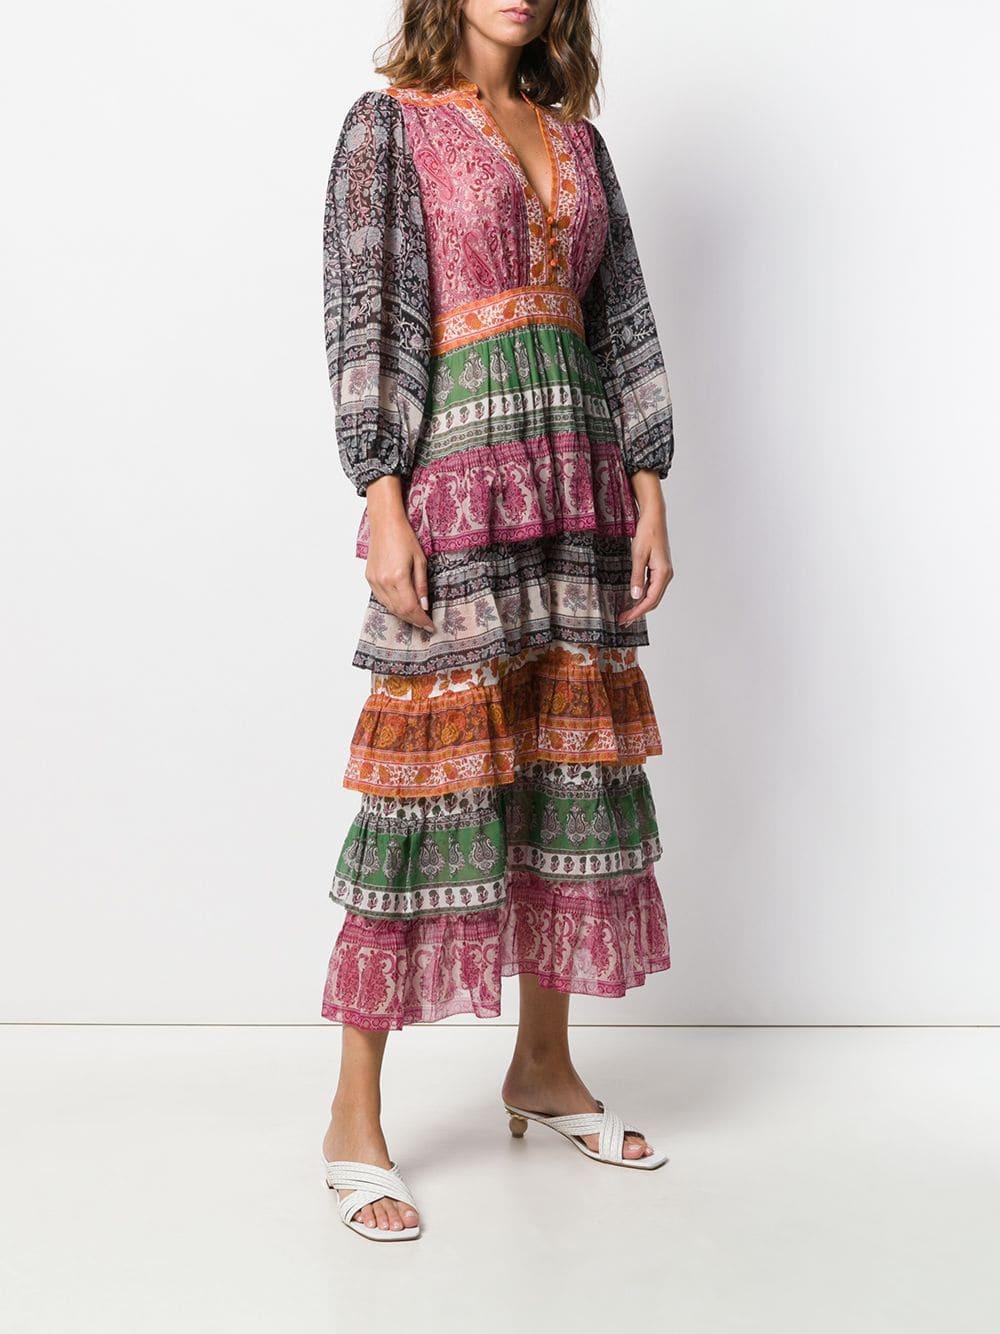 17 Spektakulär Online Shop Kleider Spezialgebiet15 Genial Online Shop Kleider Galerie